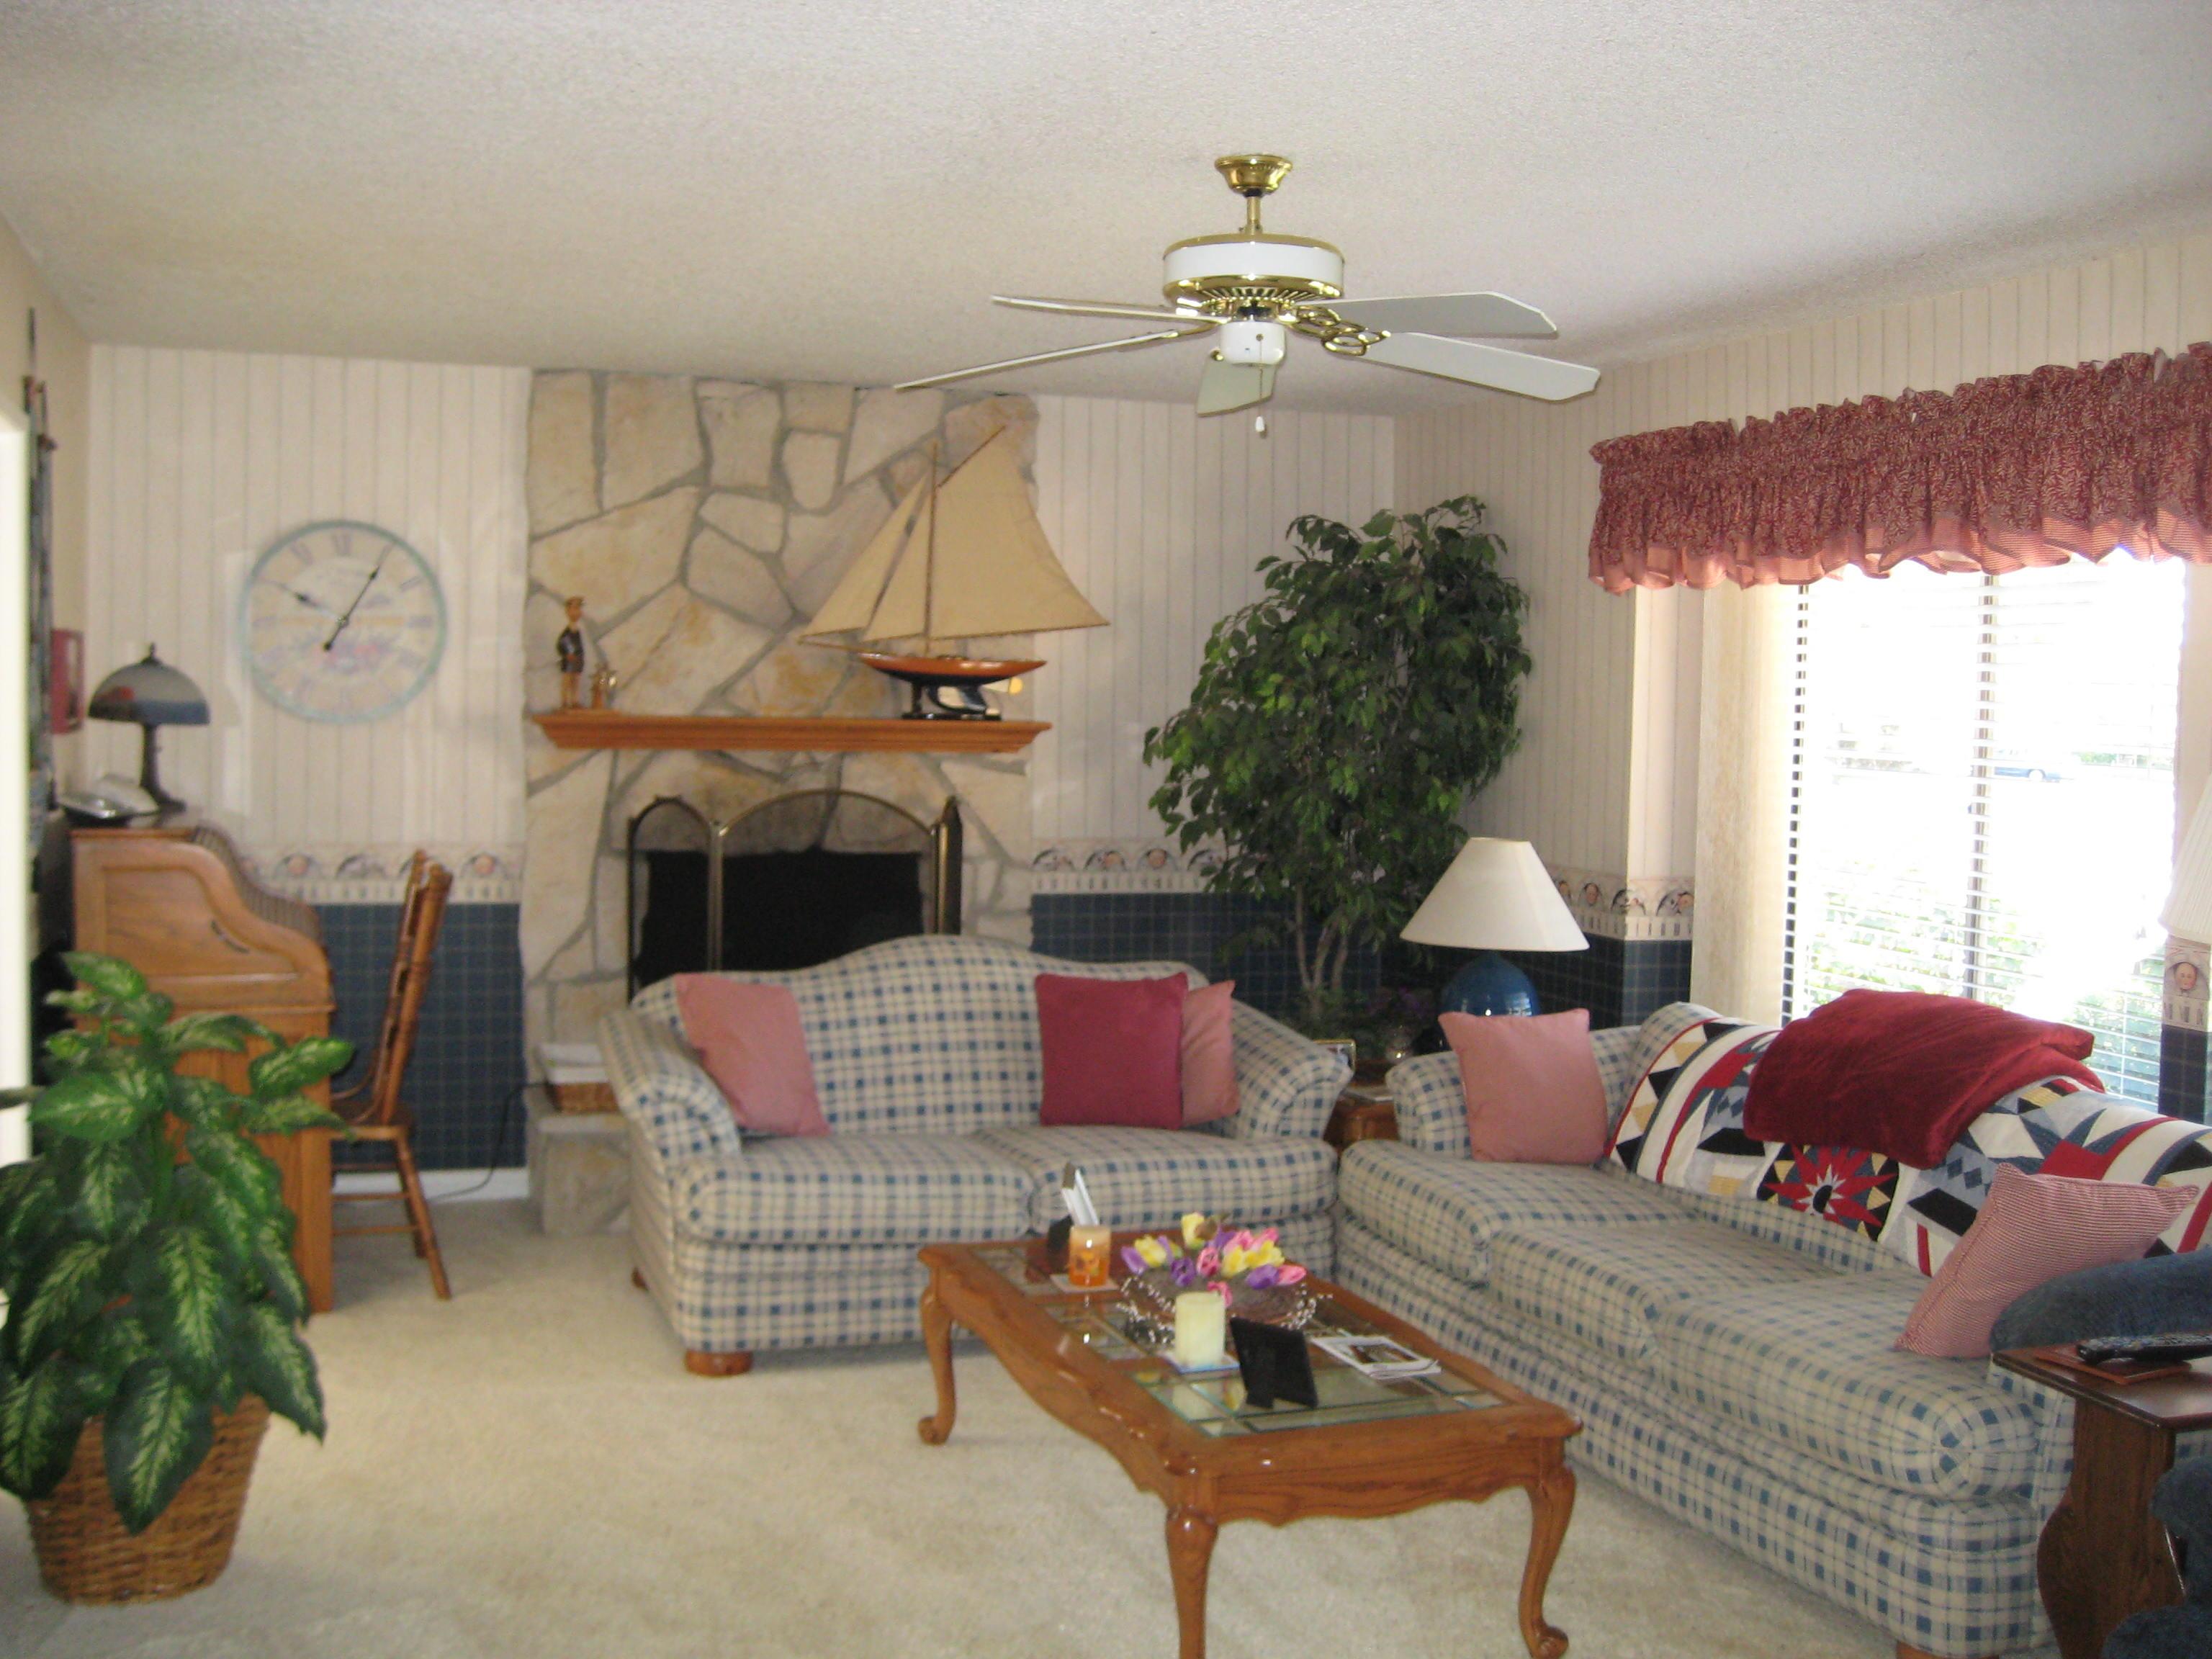 Property Description Active Senior Living 55 Beautiful La Jolla